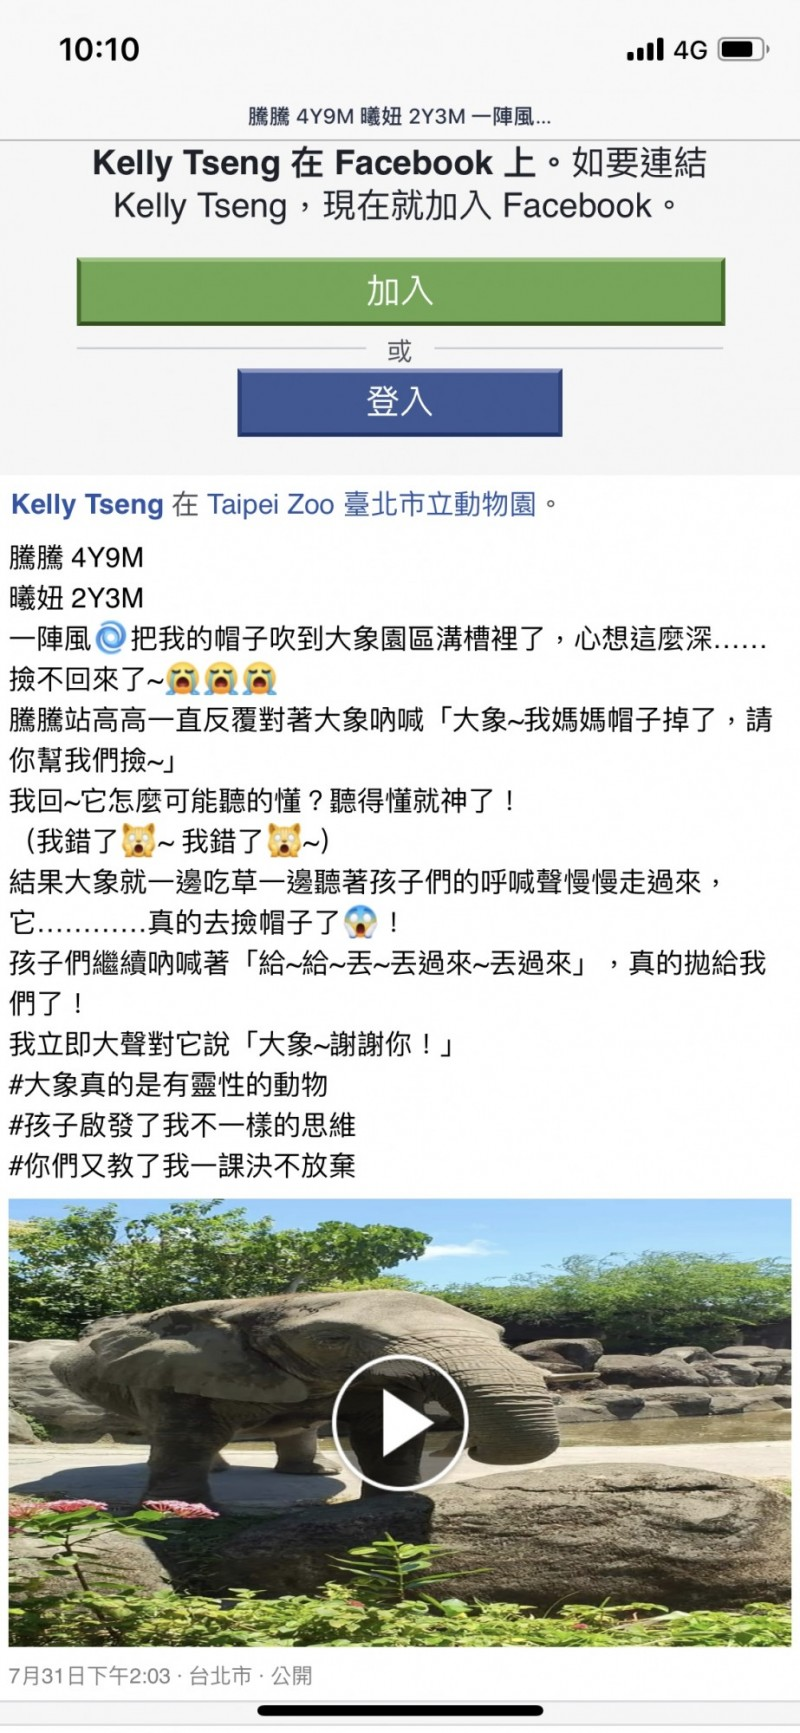 網友Kelly Tseng就在臉書分享,日前帶小朋友去台北市動物園遊玩,帽子不小心被風吹進大象園區溝槽裡,小朋友反覆對著大象吶喊「大象~我媽媽帽子掉了,請你幫我們撿~」沒想到大象竟然真的幫忙撿還帽子!(擷取自網友Kelly Tseng臉書)